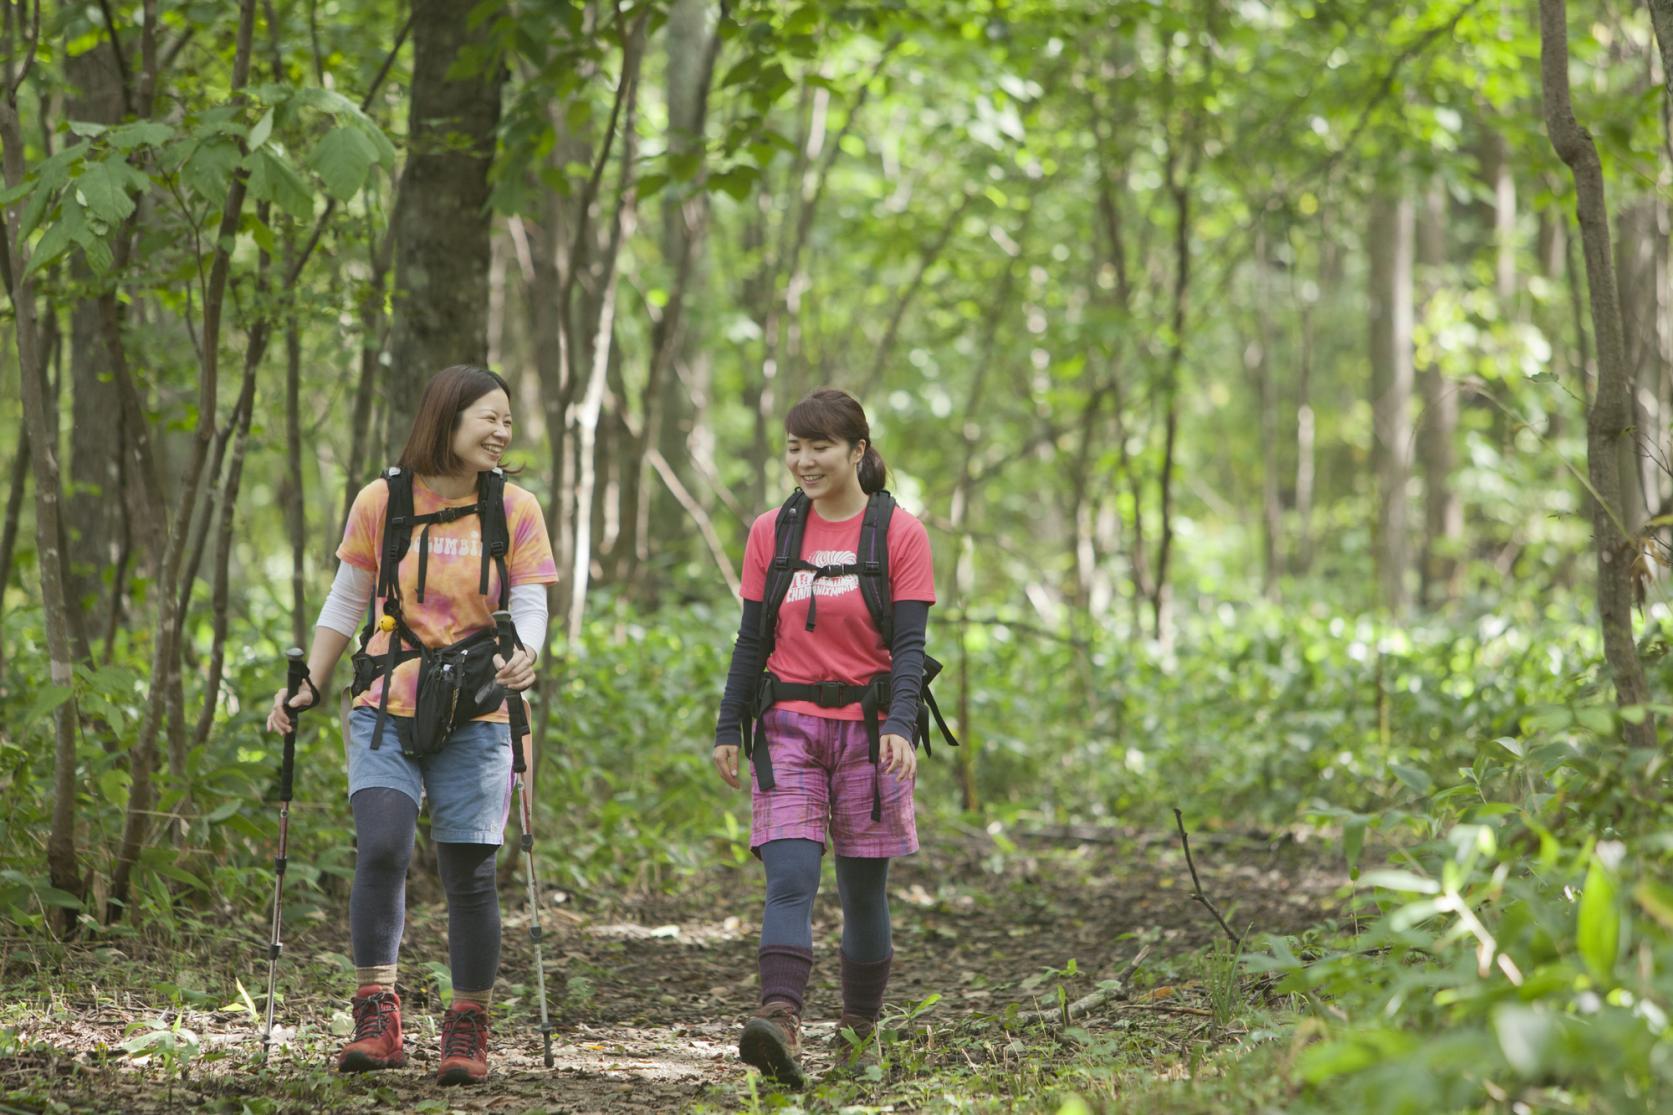 新緑に包まれてリフレッシュ!初夏に楽しむハイキング